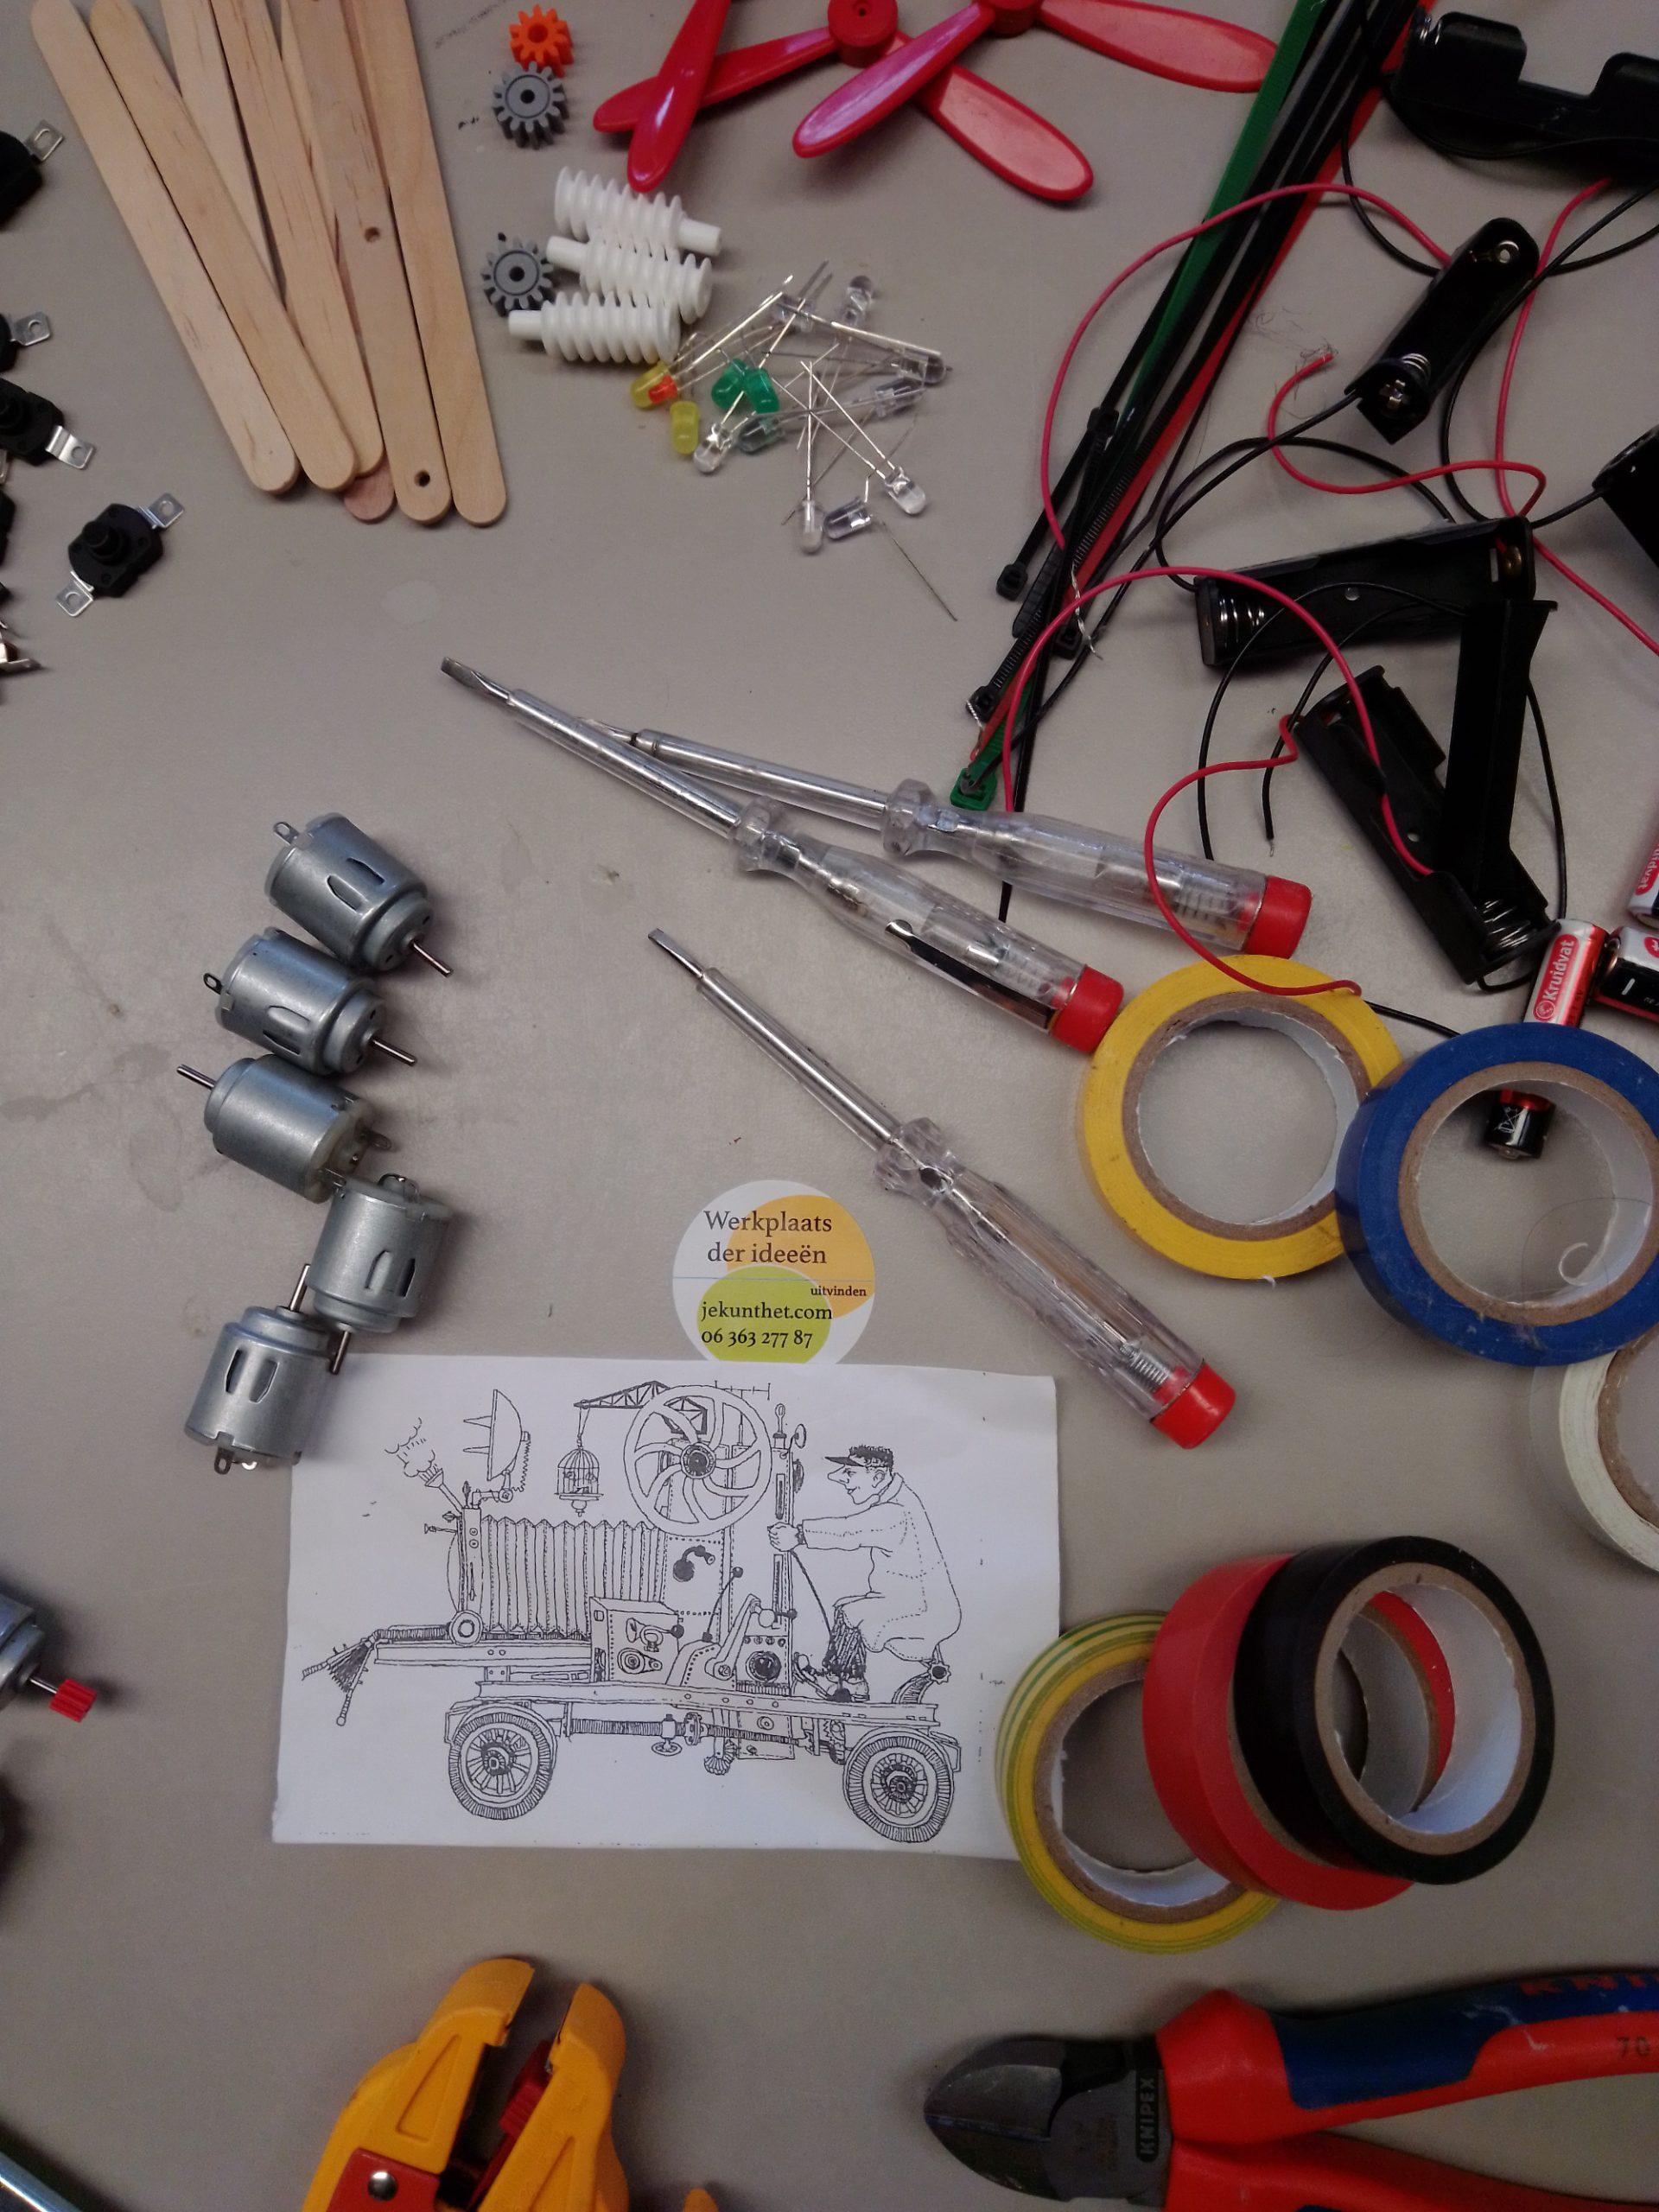 zomerkamp scholen uitvinden en techniek in de zomervakantie inhuren